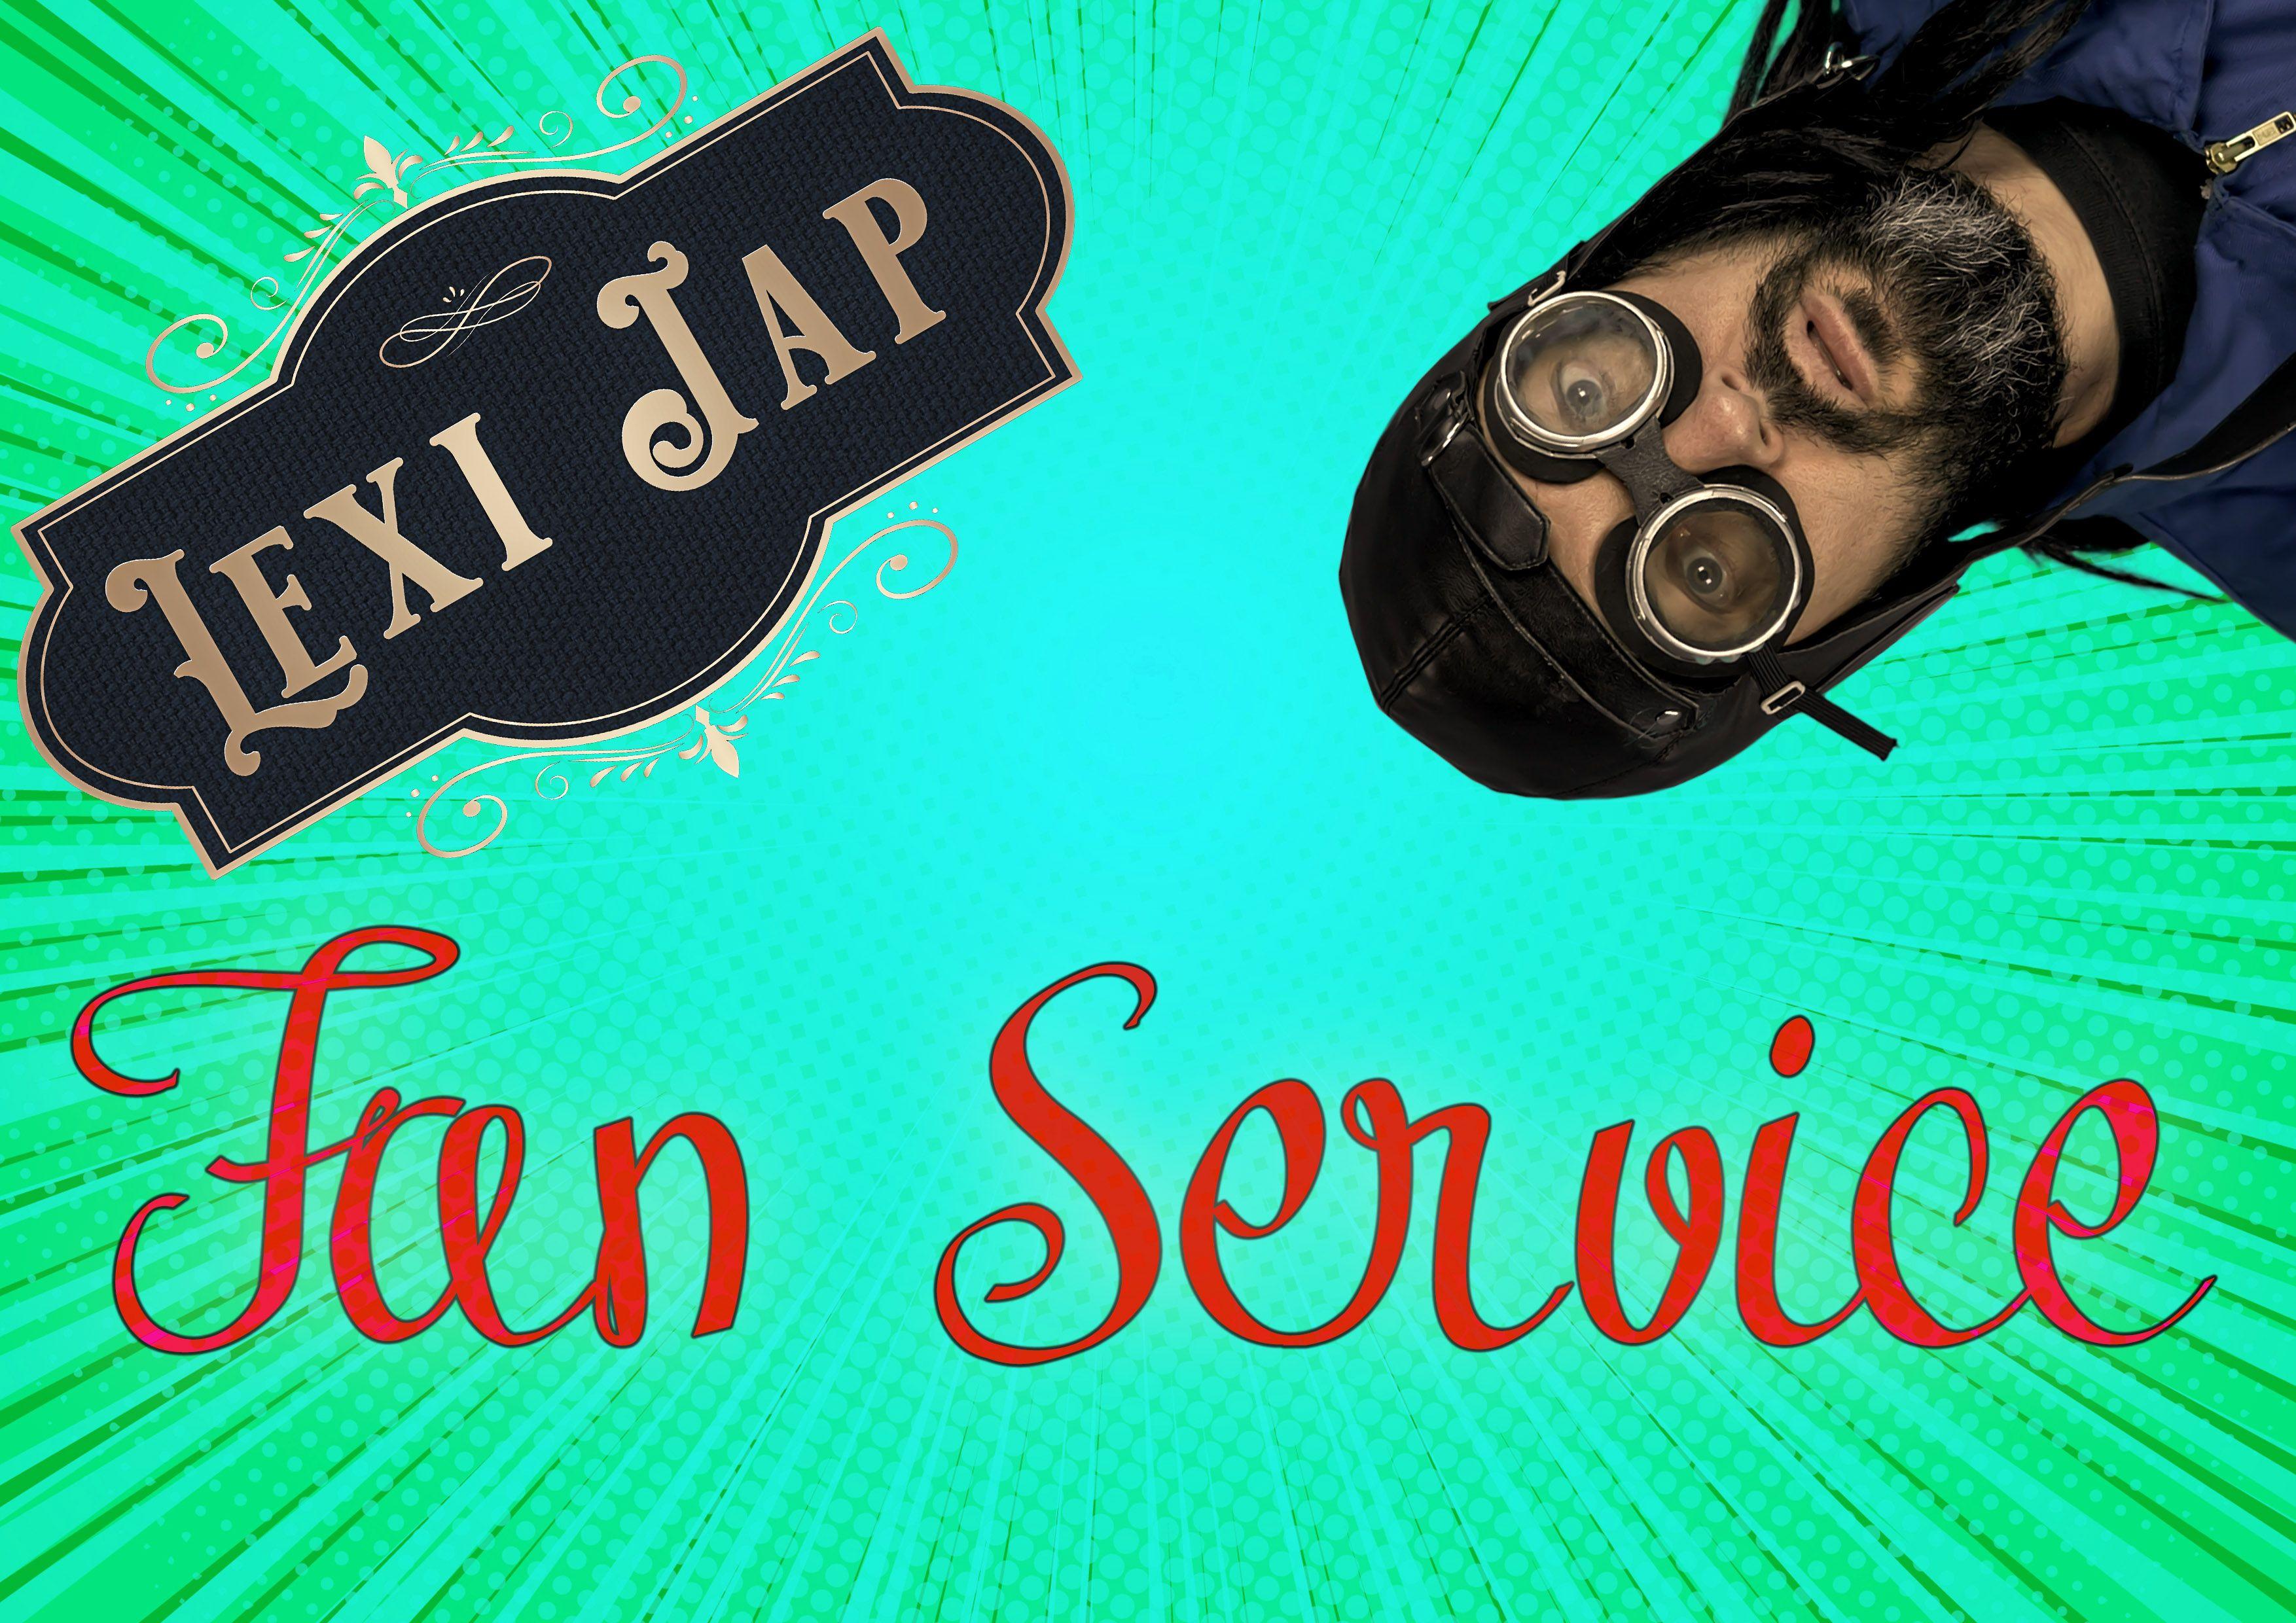 LexiJap-Fan-Service.jpg